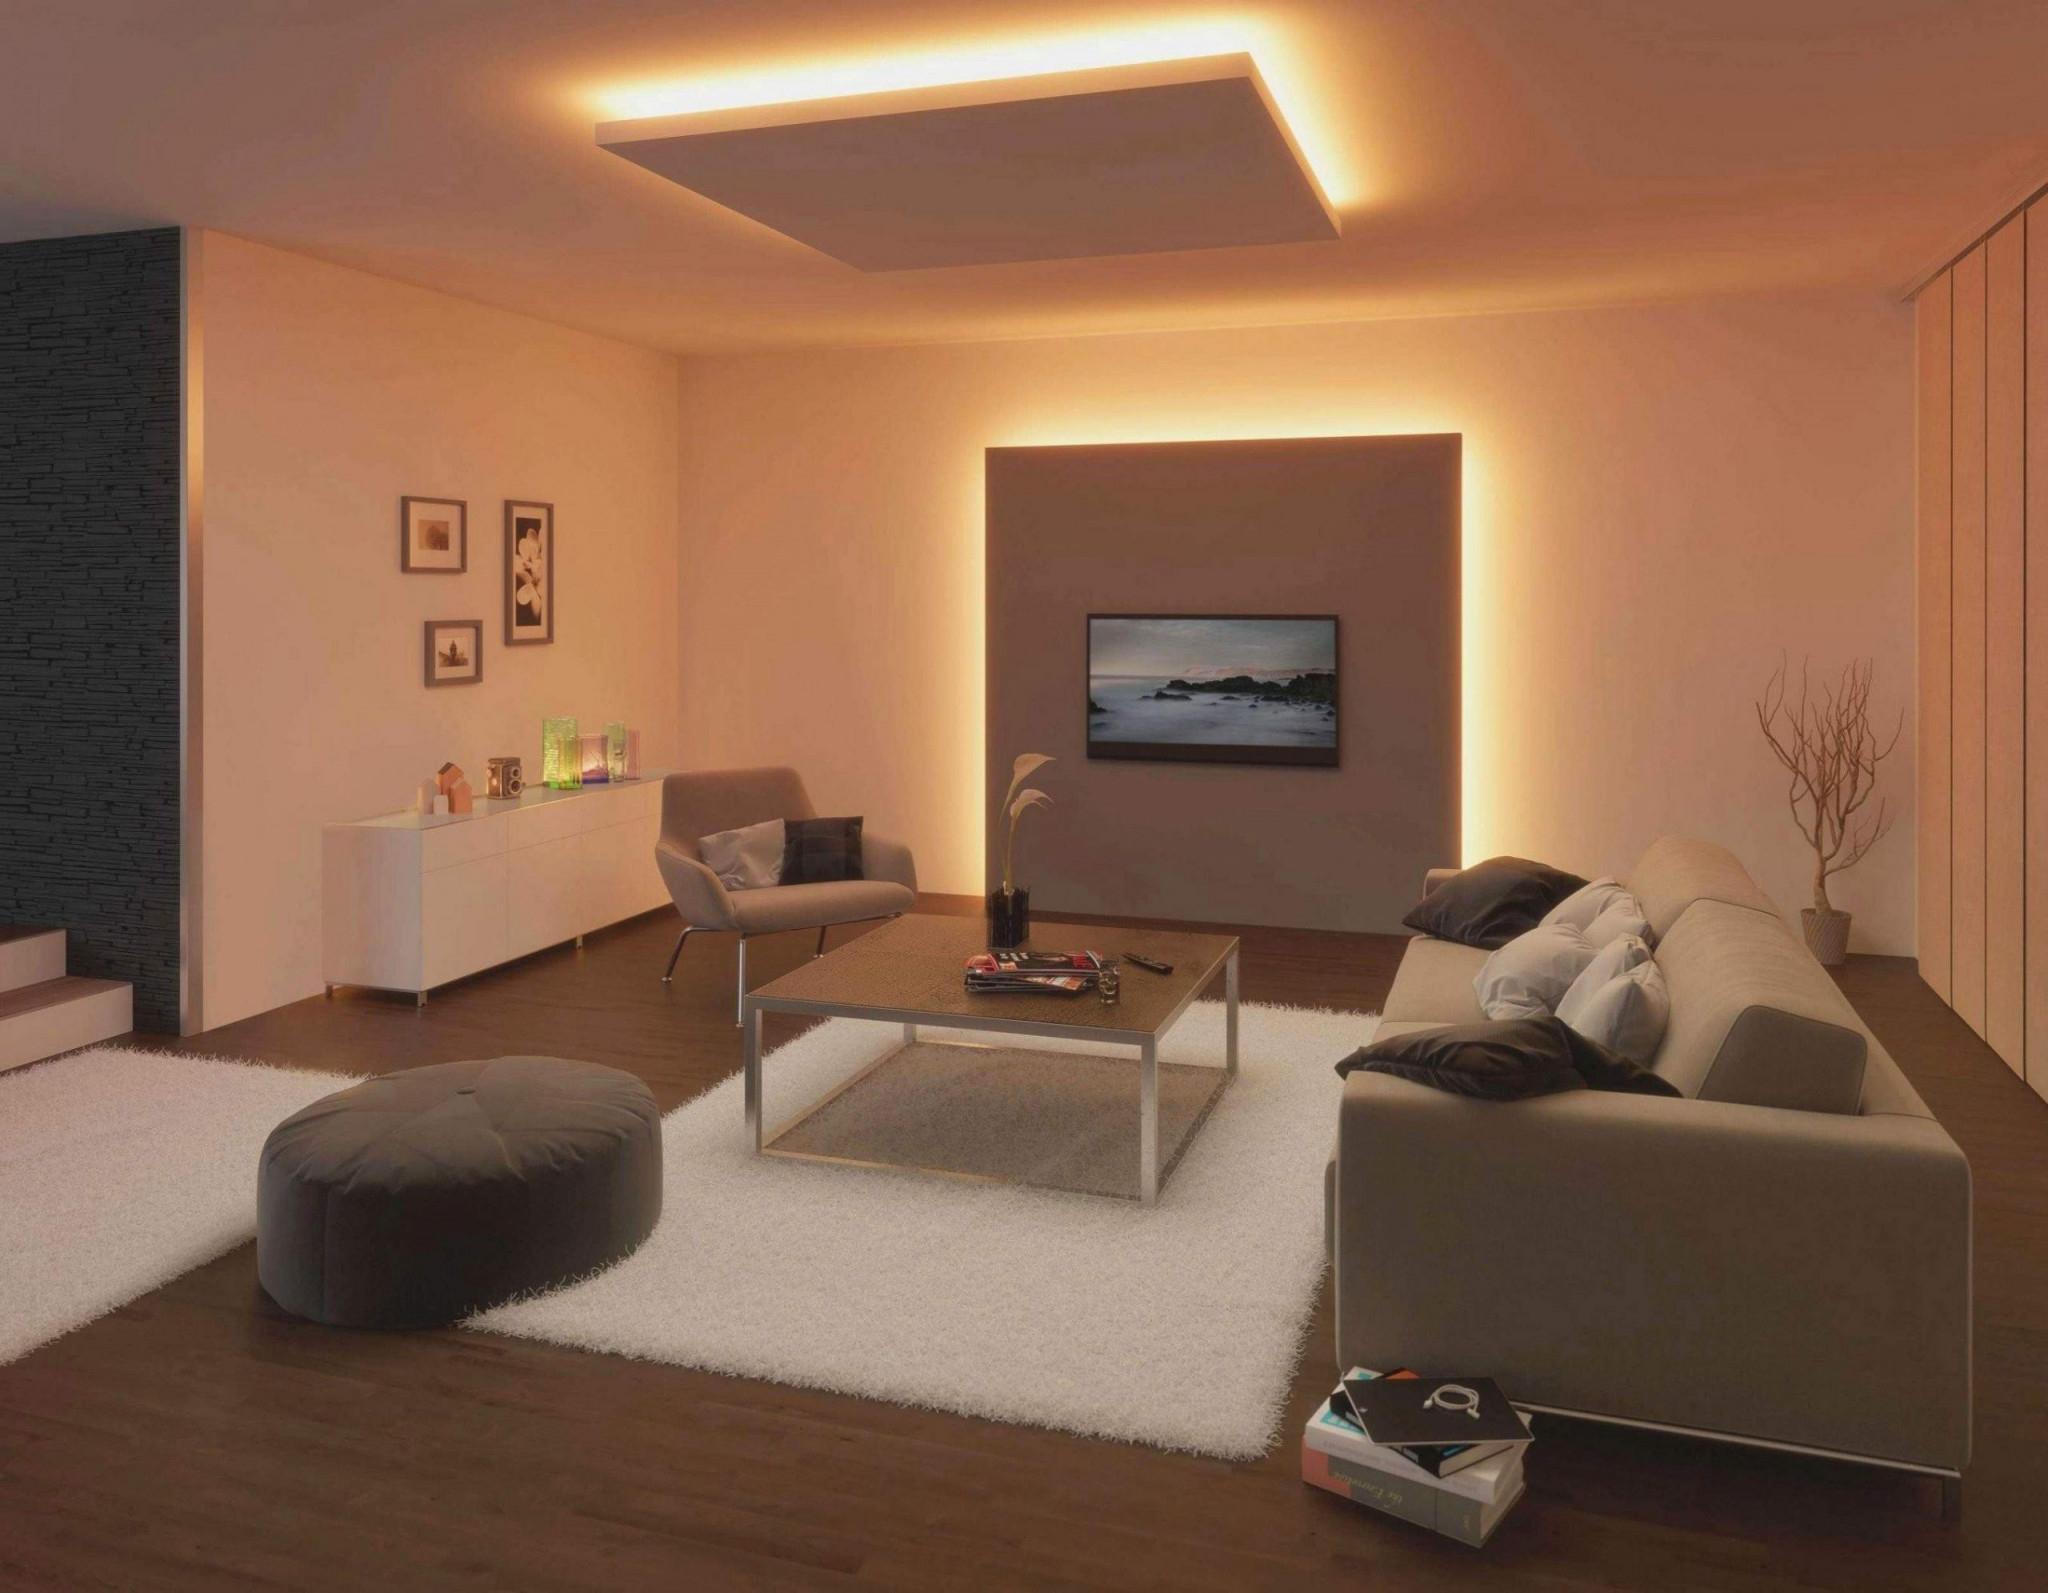 38 Luxus Ikea Lampen Wohnzimmer Reizend  Wohnzimmer Frisch von Design Lampe Wohnzimmer Bild